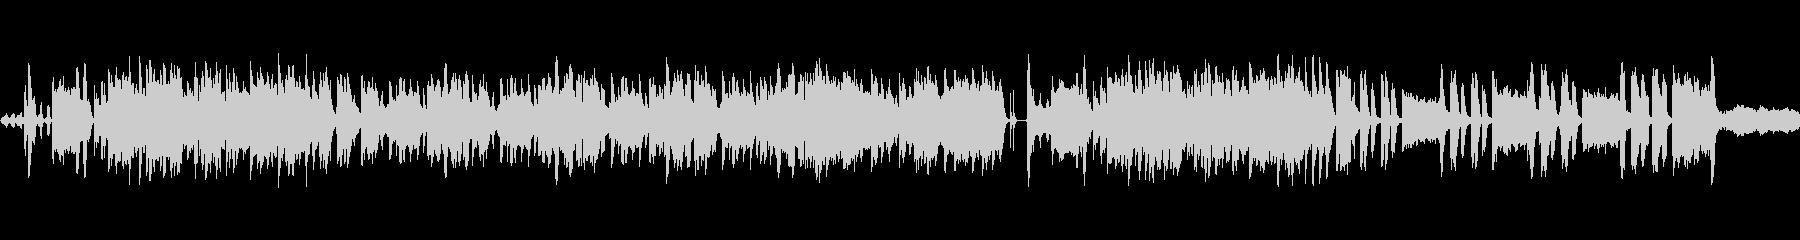 和風、琴 笛のオーケストラループ楽曲の未再生の波形